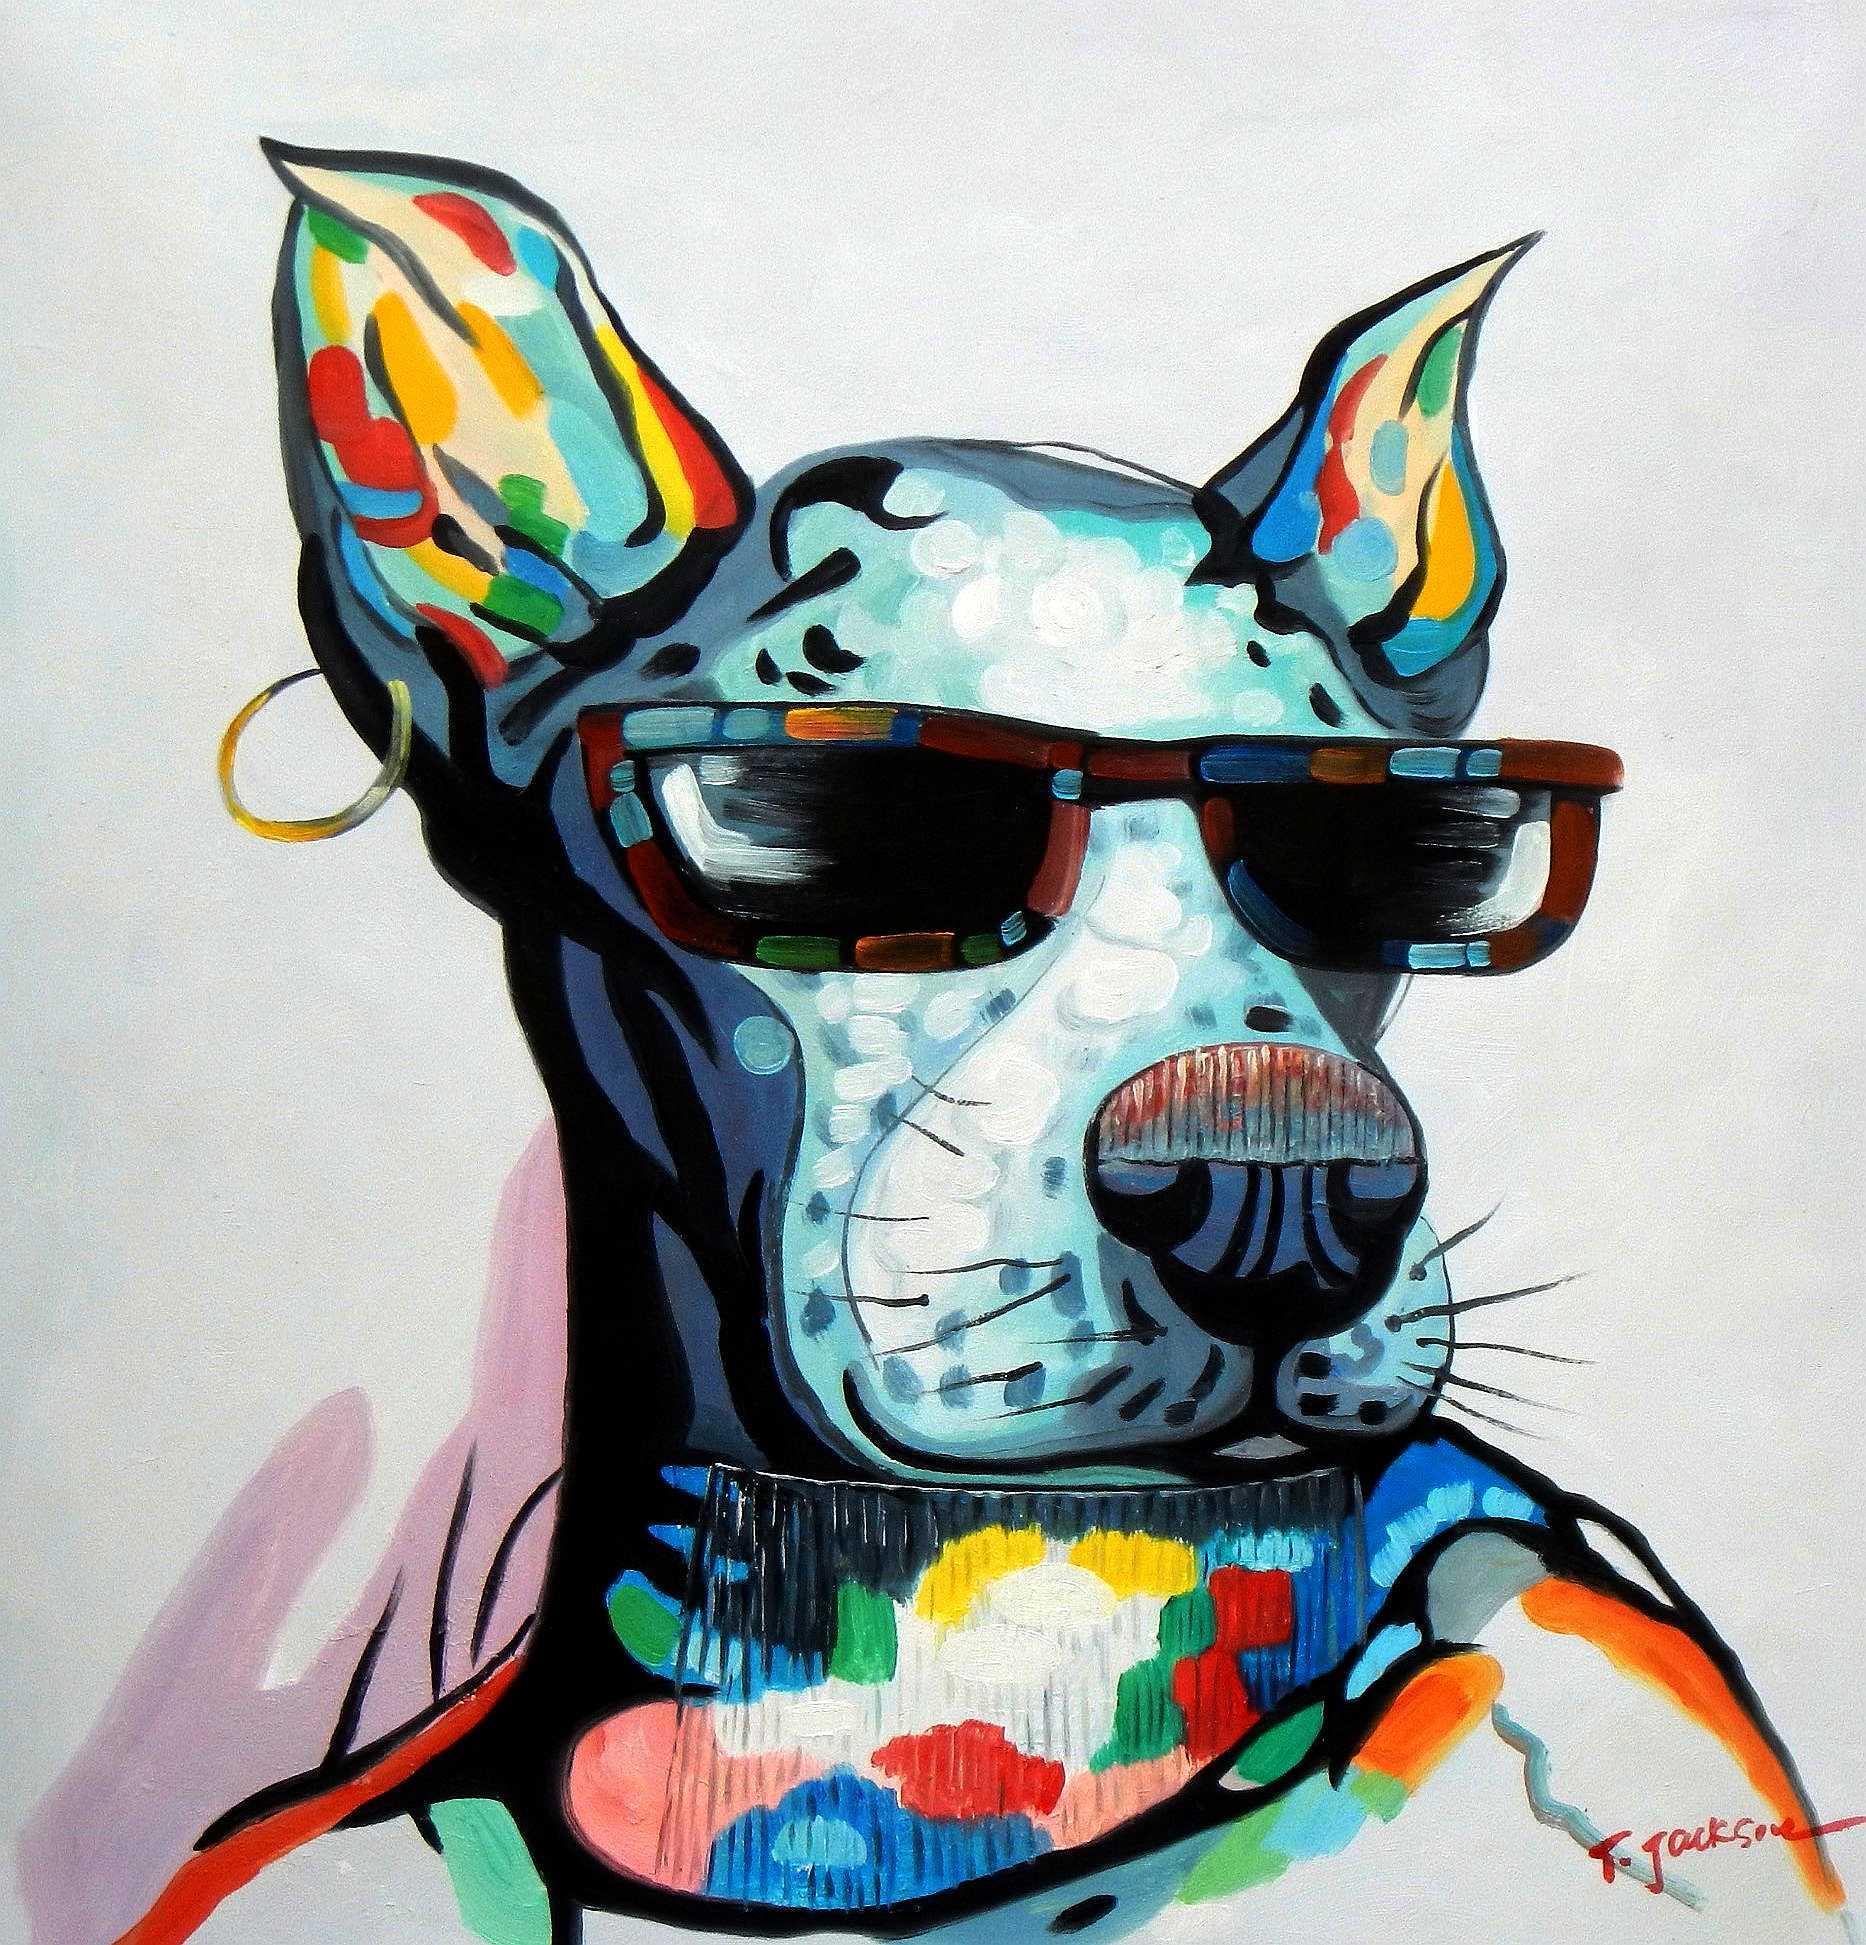 Modern Art - Dogge mit Sonnenbrille g94970 80x80cm Ölbild handgemalt